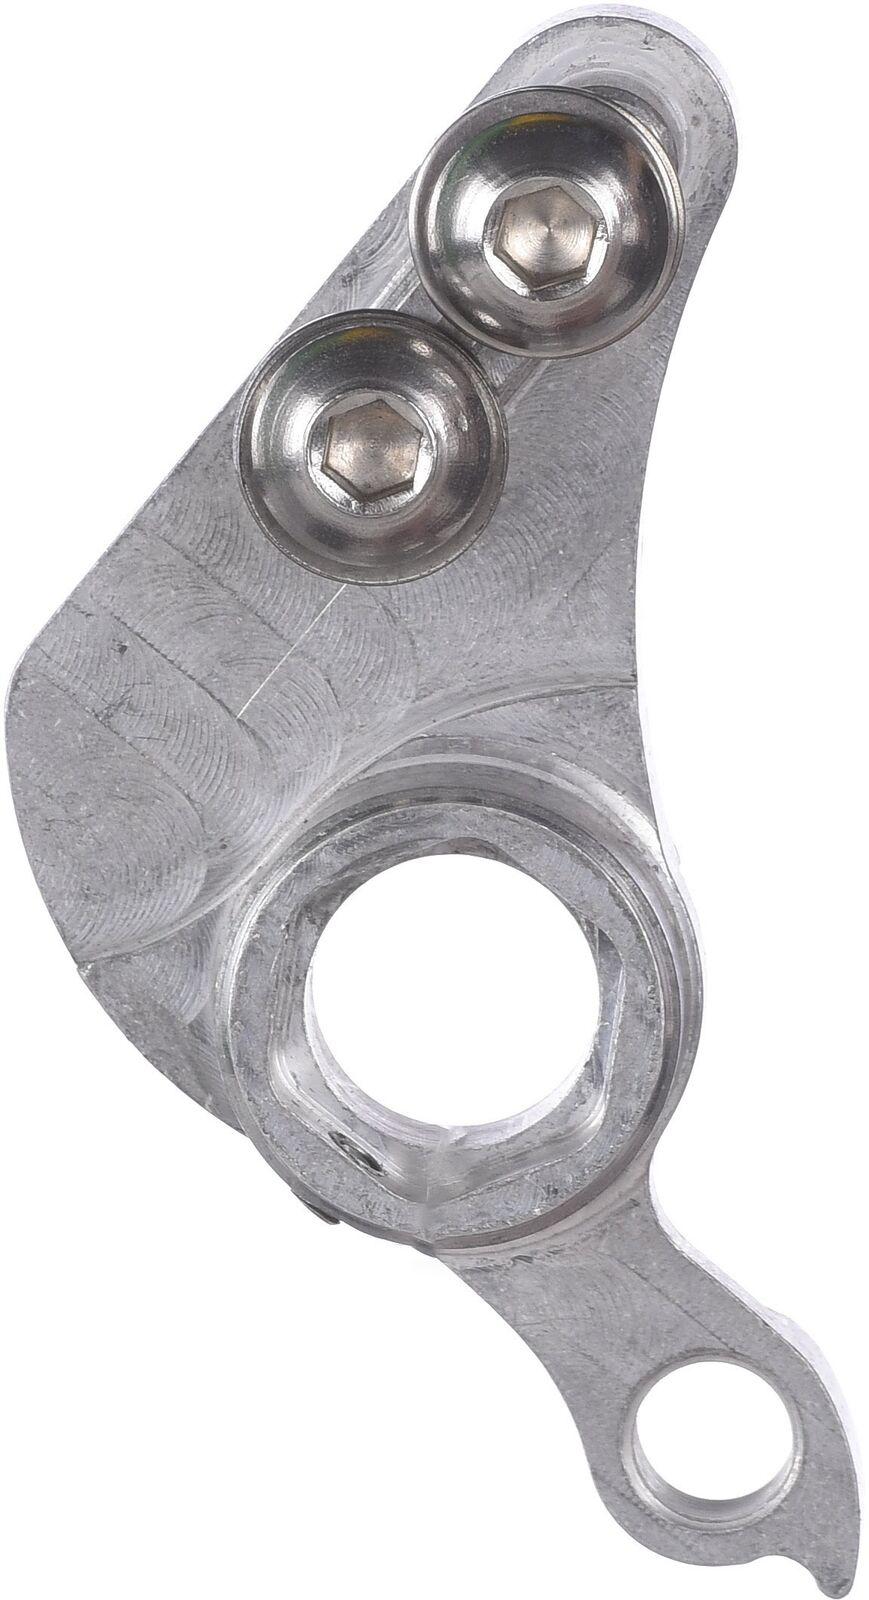 Lynskey Sliding deserción Unidad de lado  Eje Pasante 12mm-orientados  Ven a elegir tu propio estilo deportivo.